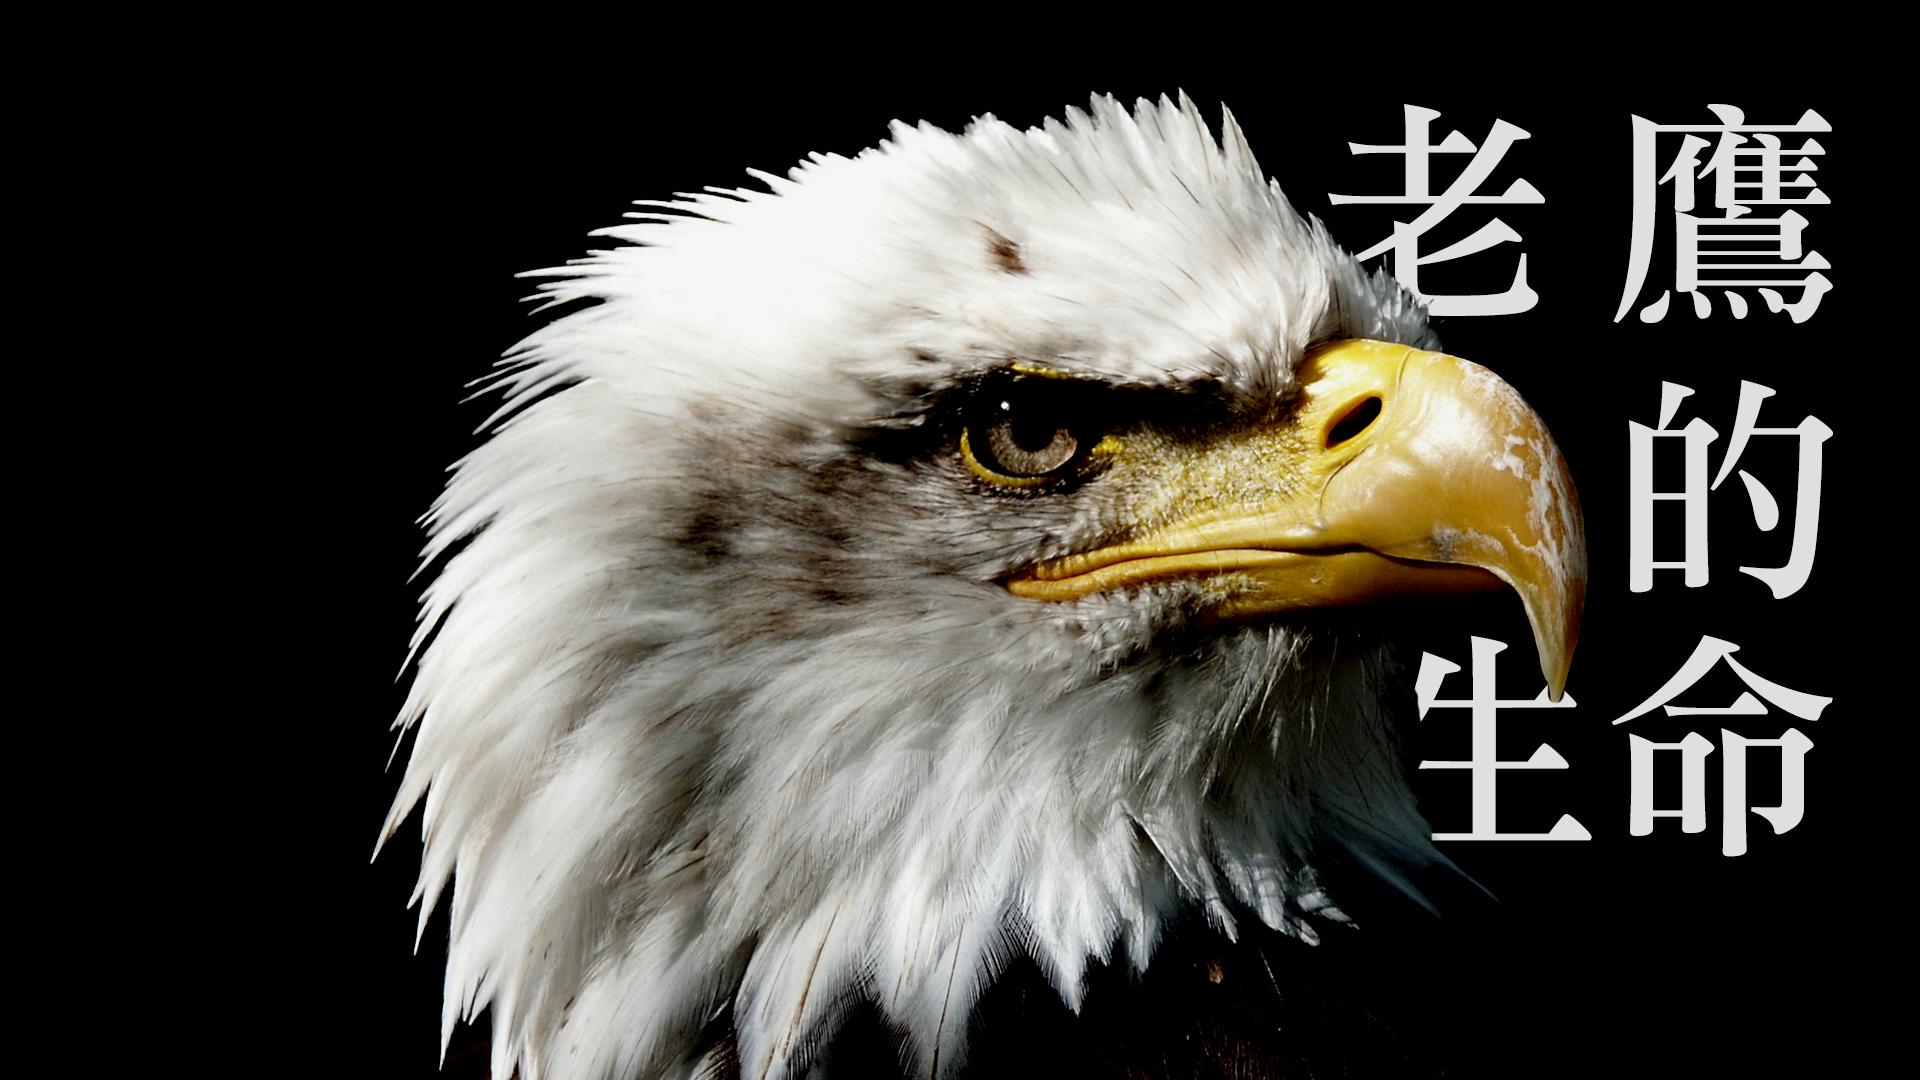 老鷹的生命|張光偉牧師